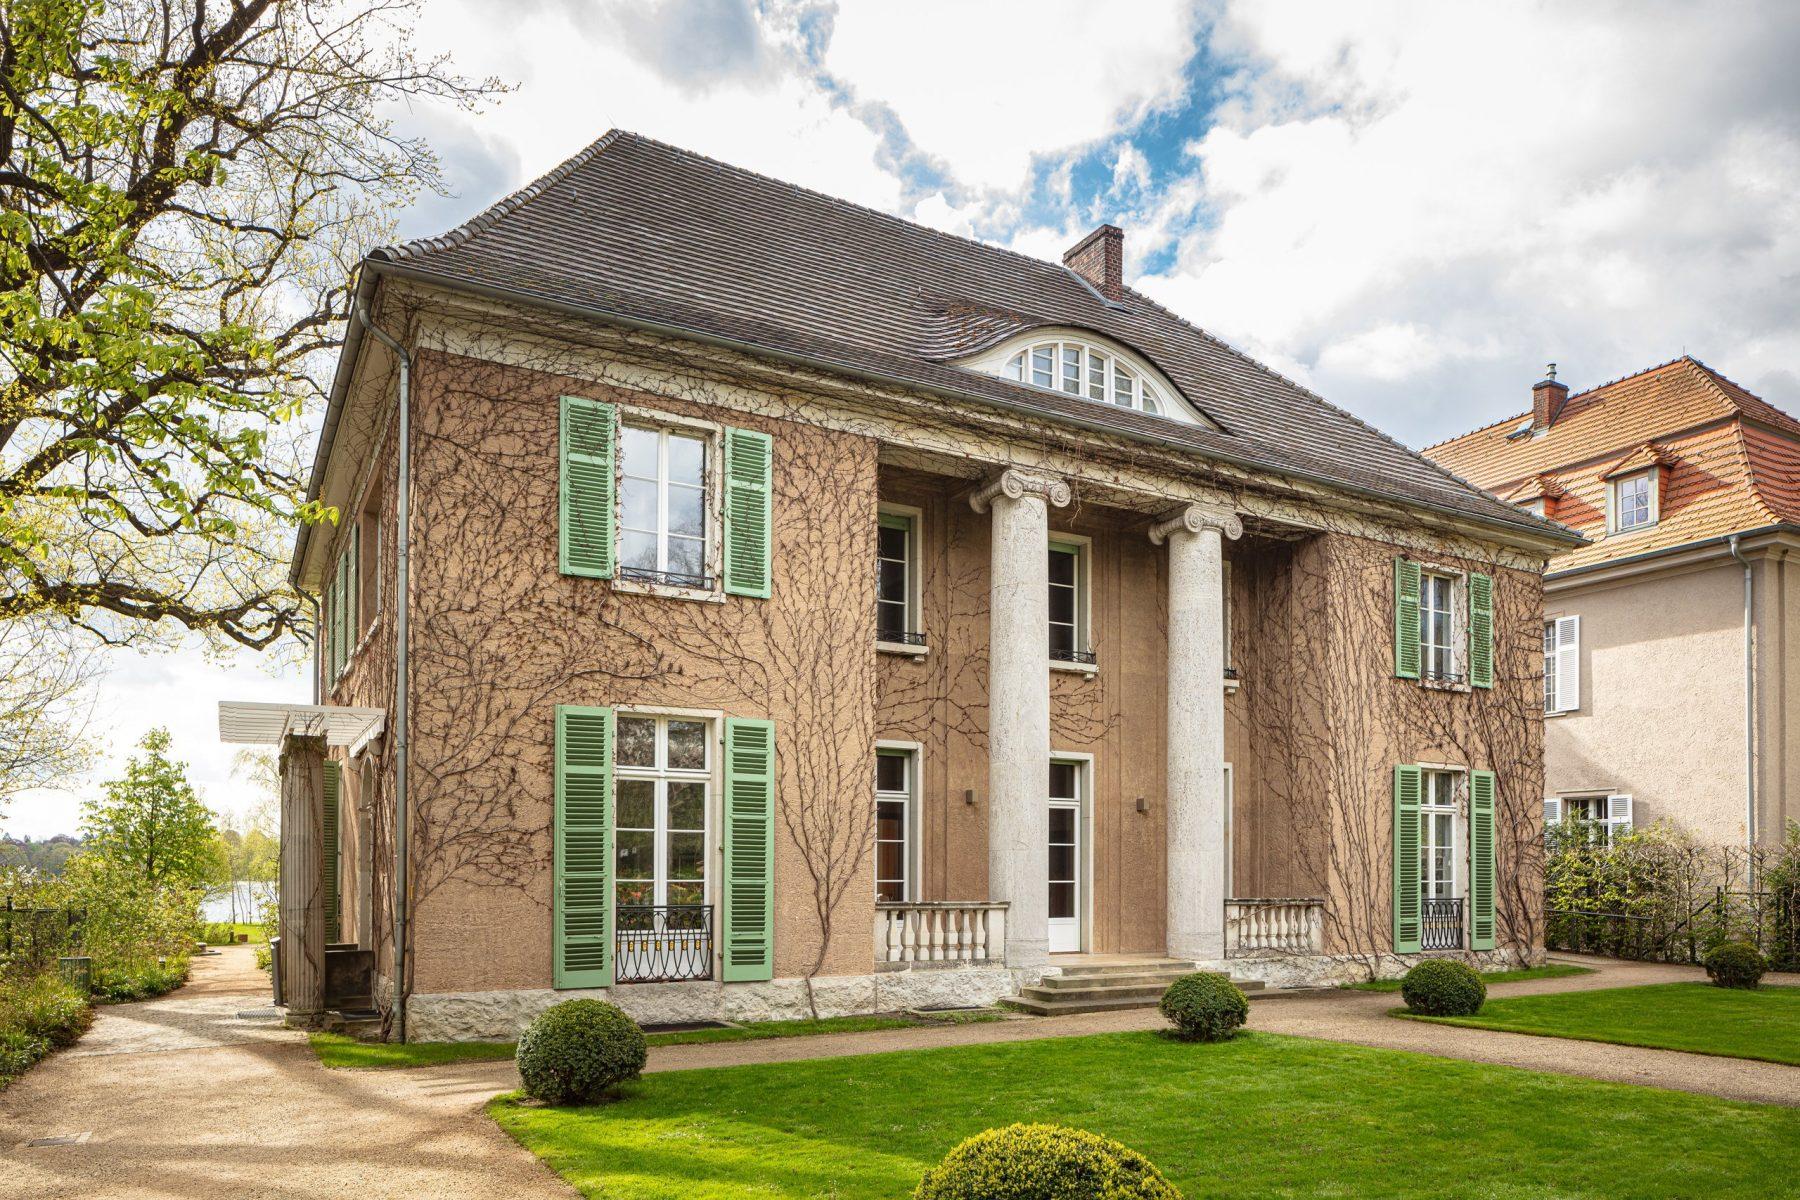 Blick auf die Frontseite der Liebermann-Villa mit grünem Rasen und einigen Buchsbäumen davor.